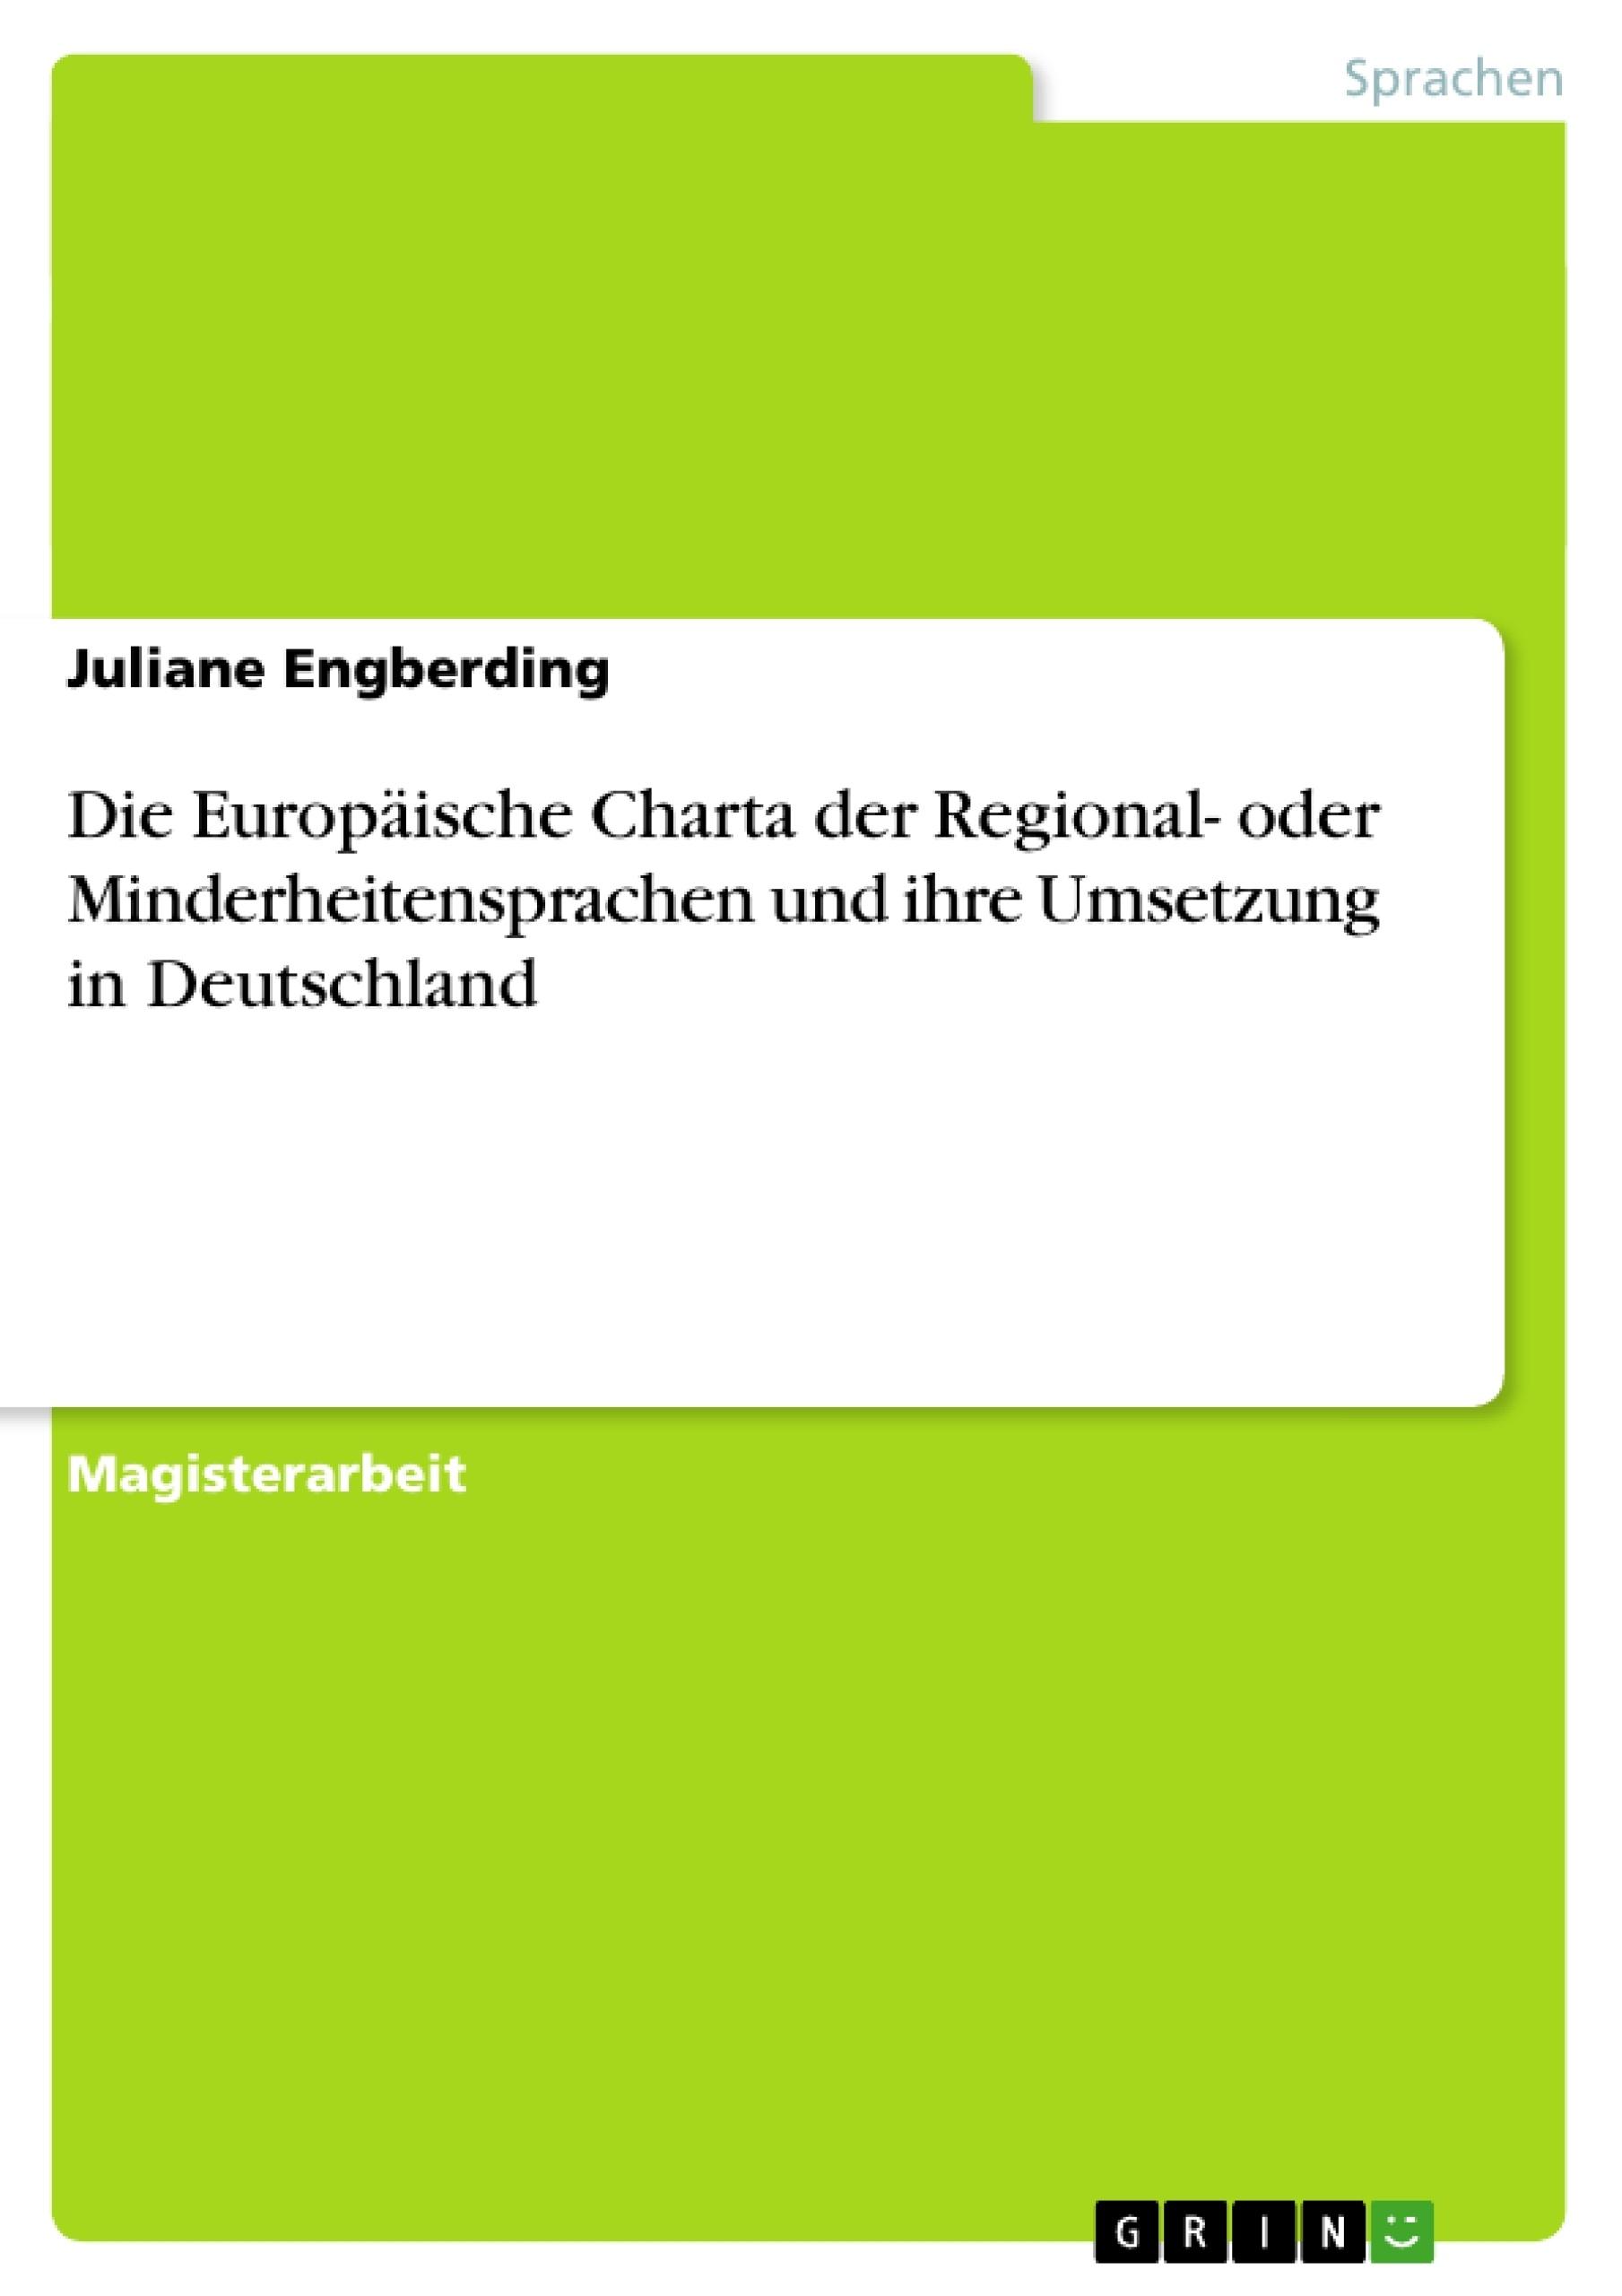 Titel: Die Europäische Charta der Regional- oder Minderheitensprachen und ihre Umsetzung in Deutschland